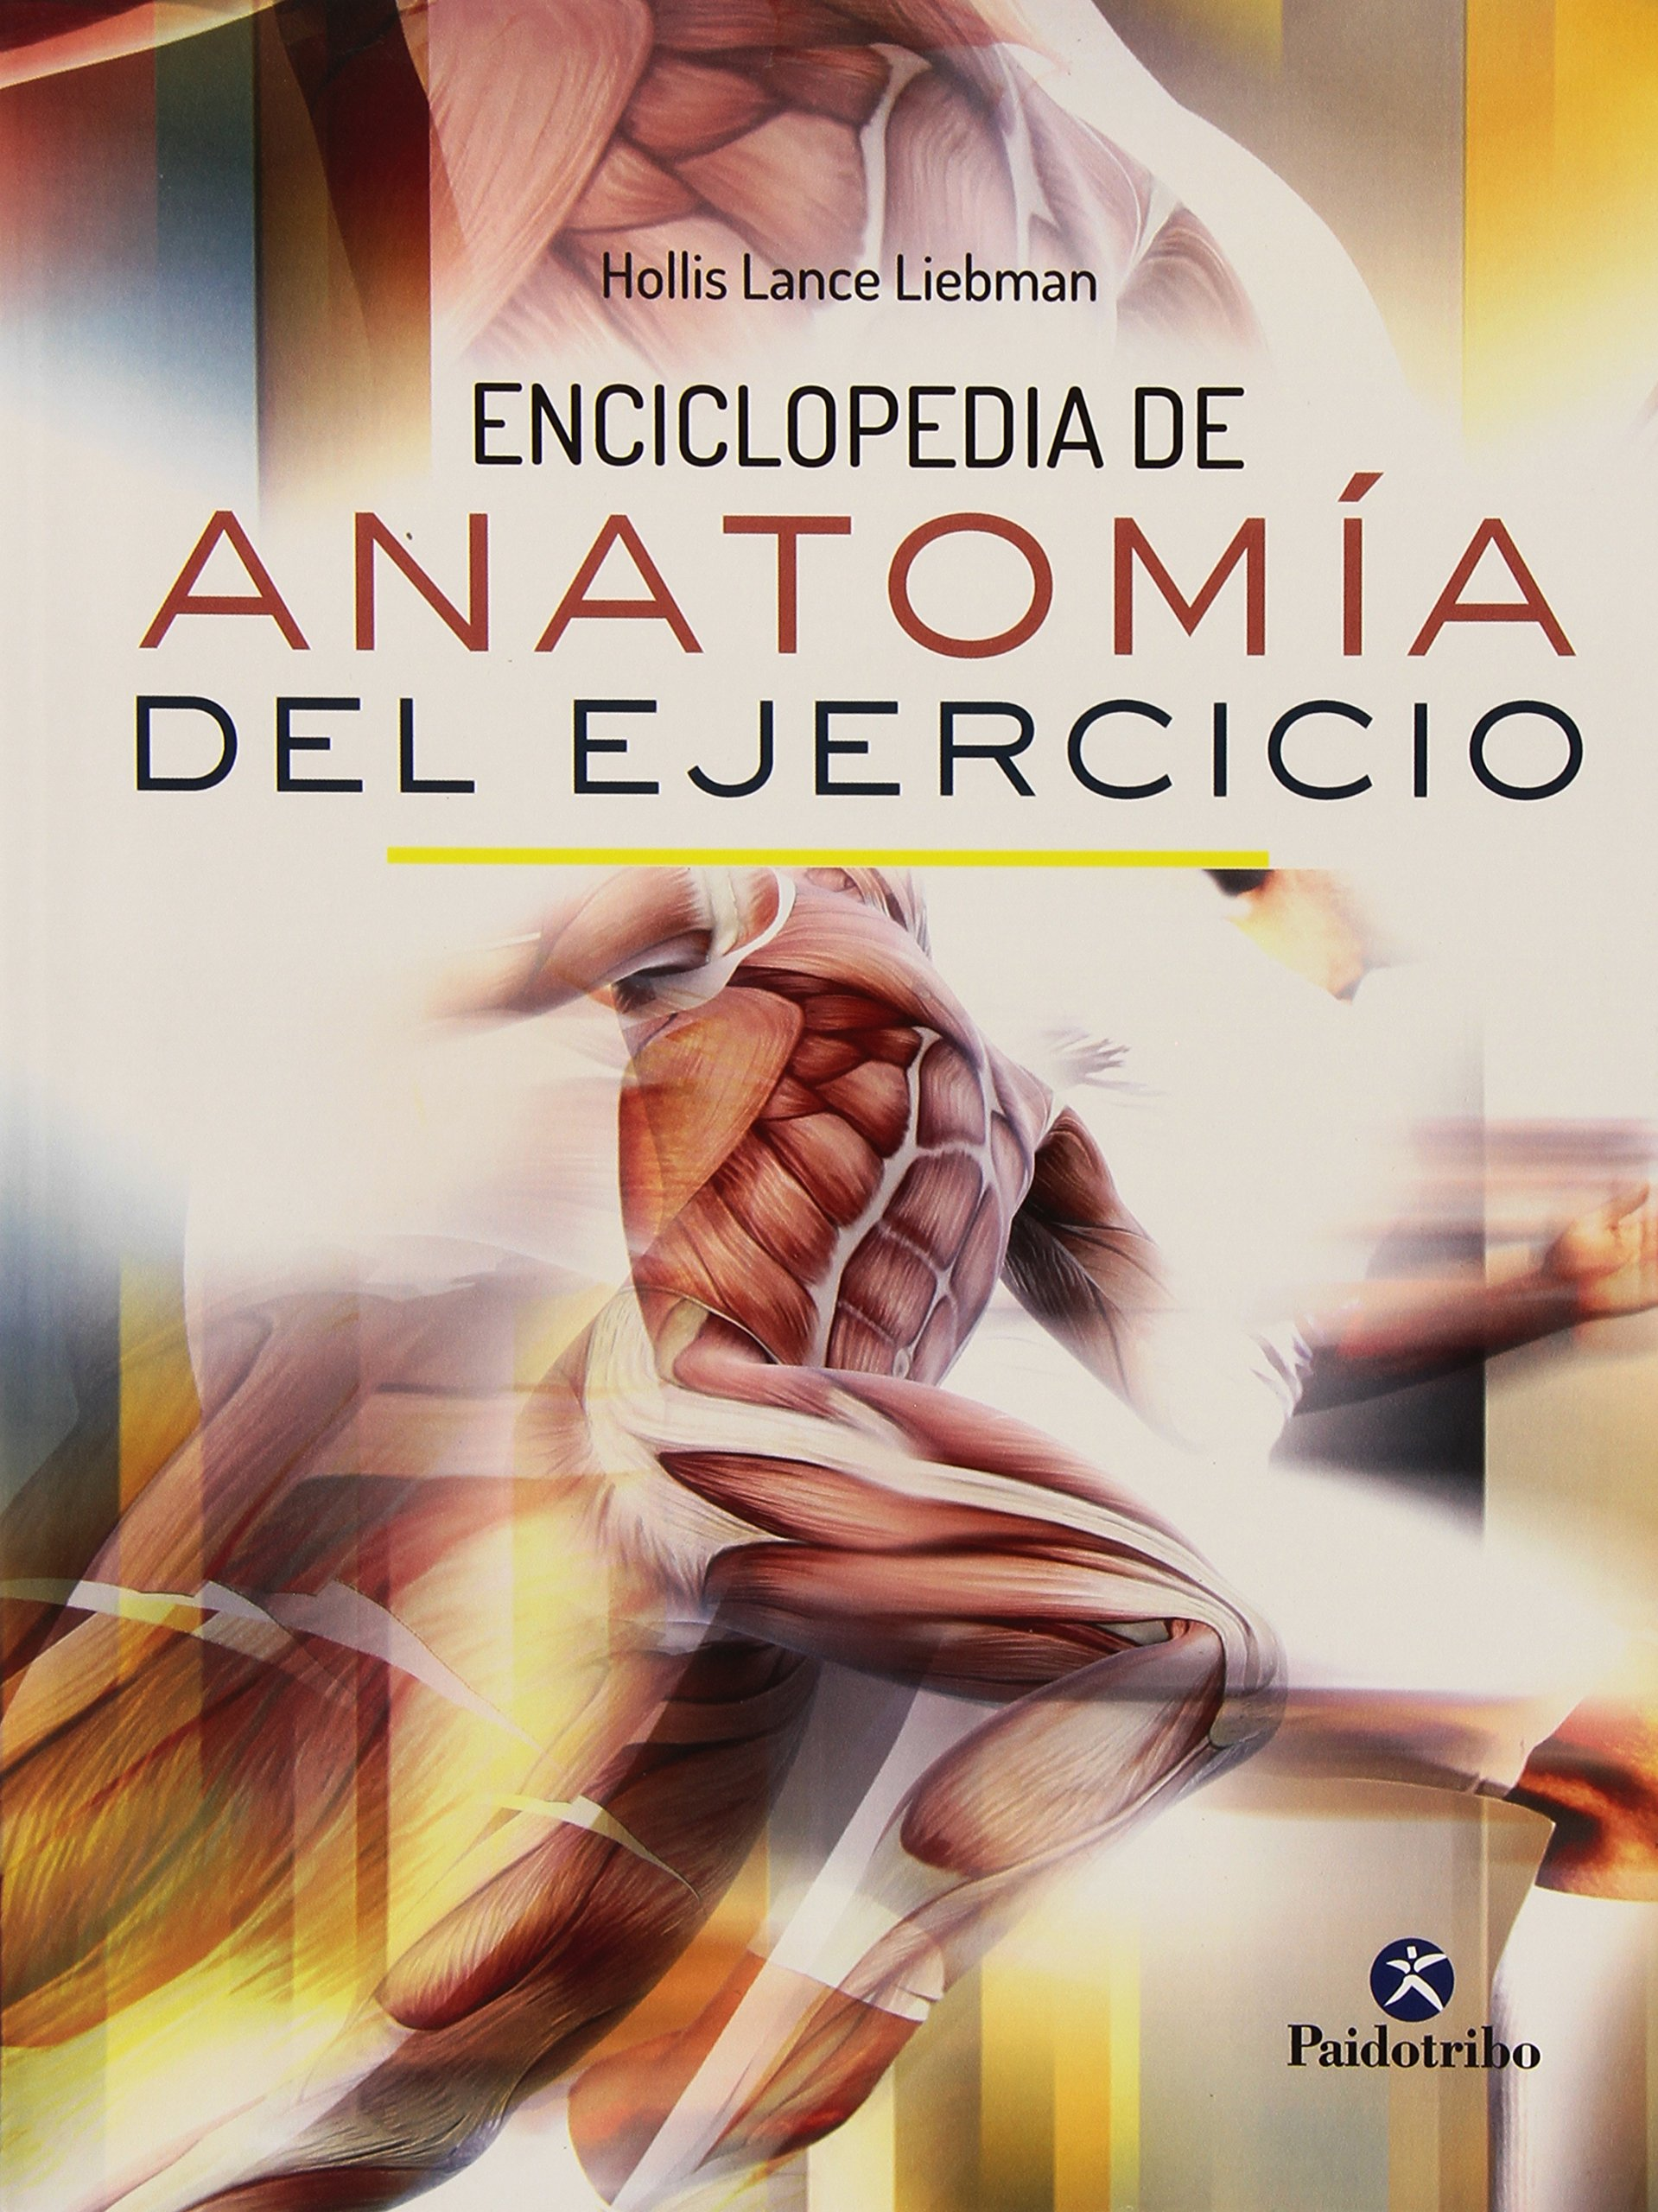 Enciclopedia De Anatomía Del Ejercicio (Medicina): Amazon.es: Hollis ...